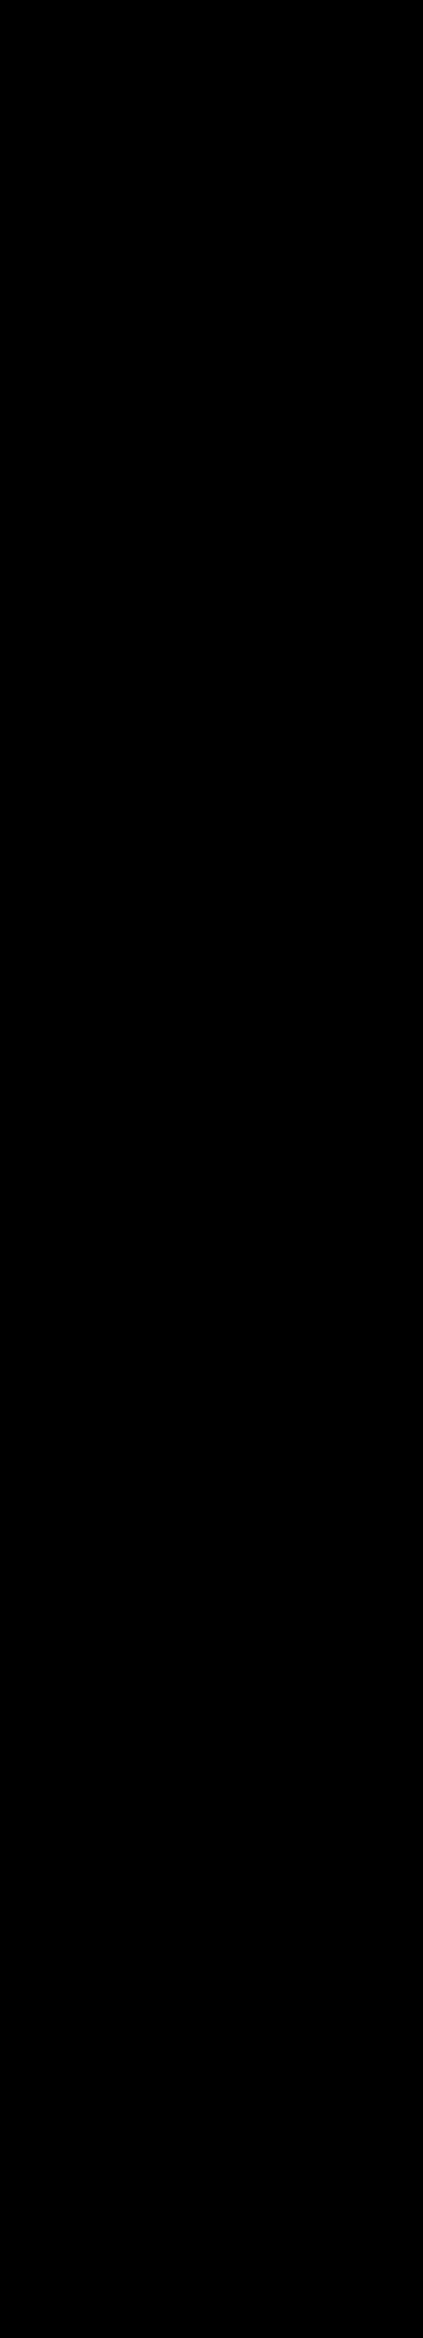 คอร์ดกีต้าร์ง่ายๆ คอร์ด เพลง เจ้าหญิงแห่งฟากฟ้า Feat. เบน ชลาทิศ